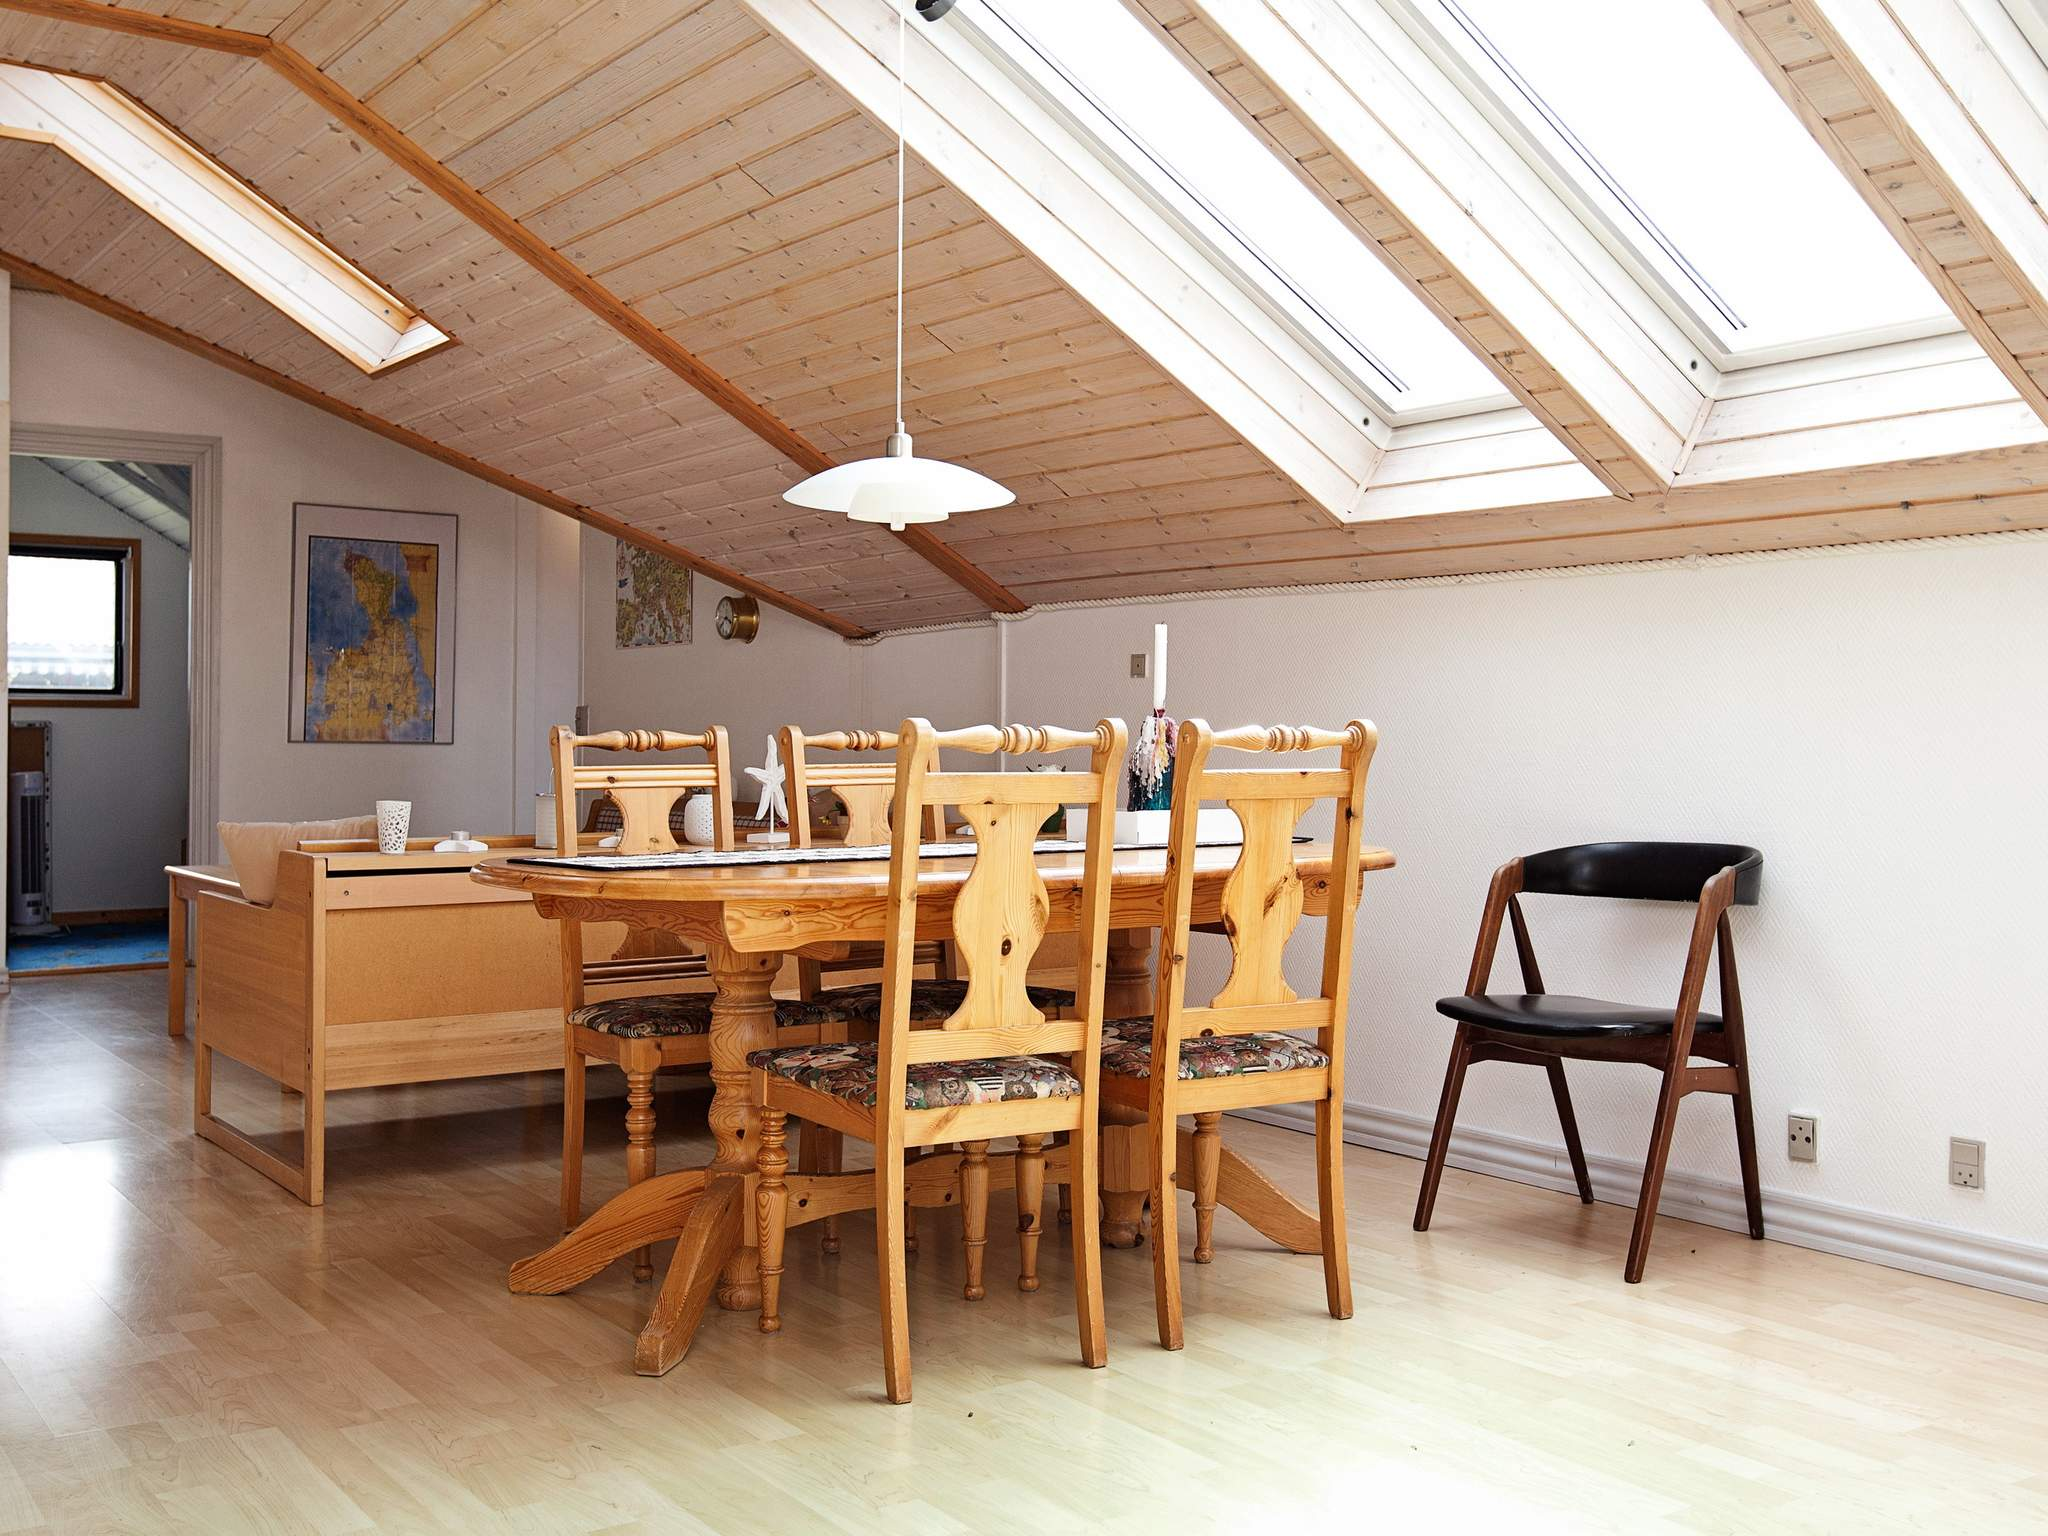 Ferienhaus Vellerup Sommerby (1606723), Vellerup, , Nordseeland, Dänemark, Bild 8